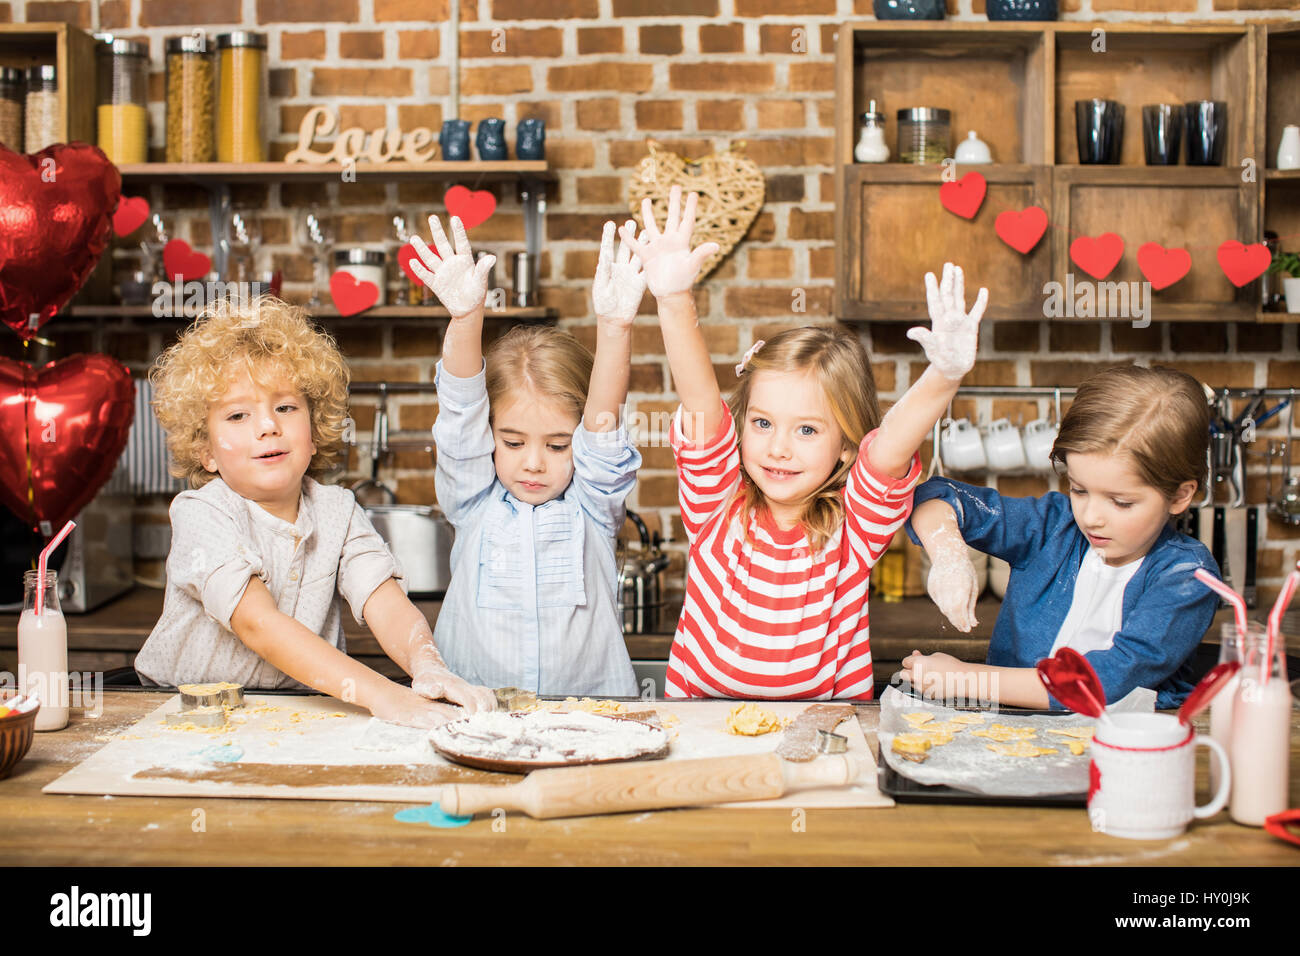 Quatre adorables petits enfants la cuisson des biscuits et montrant les mains dans la farine Photo Stock